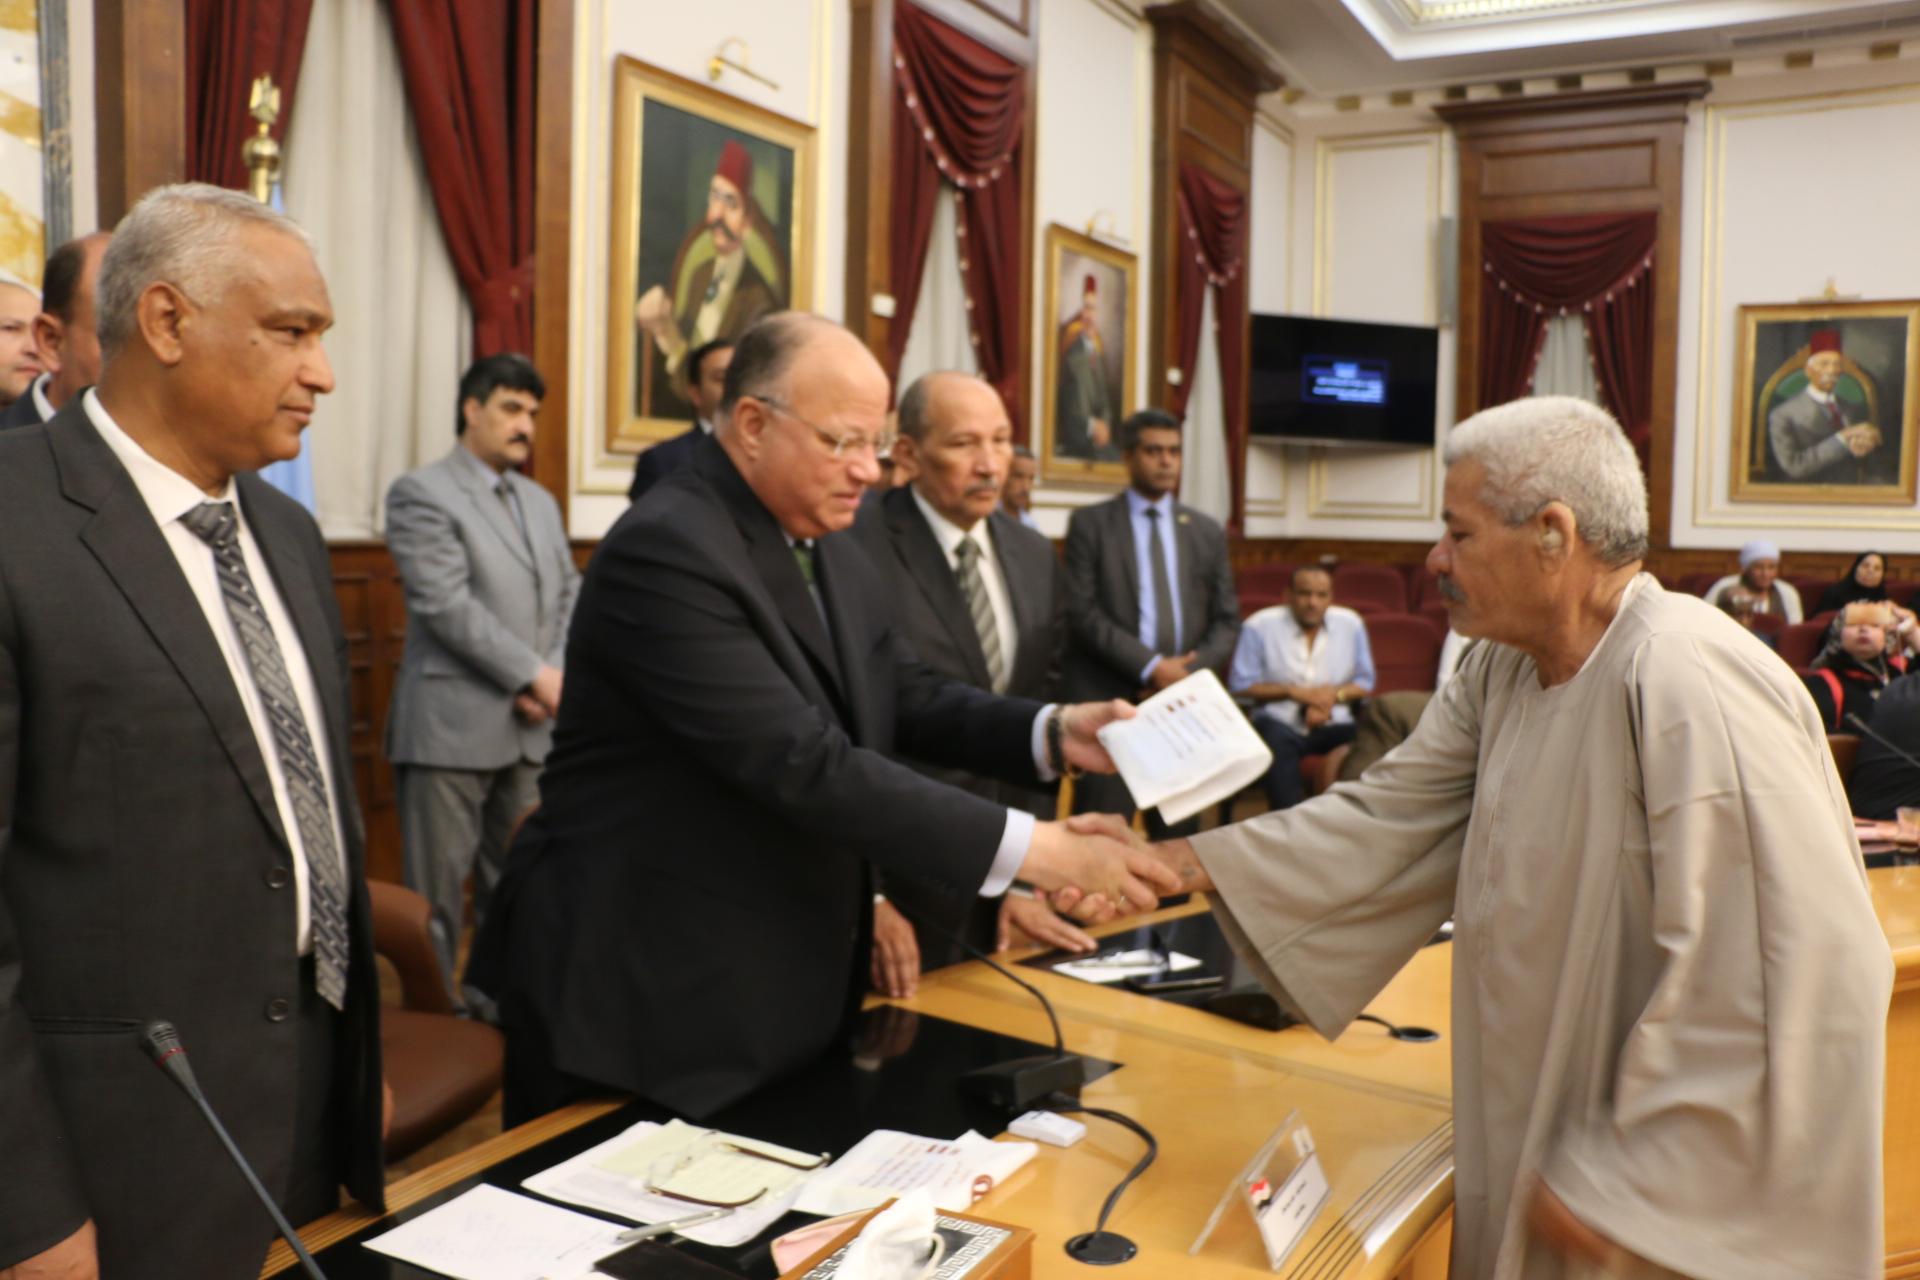 محافظ القاهرة يوزع تأشيرات الحج على حجاج الجمعيات الأهلية (2)